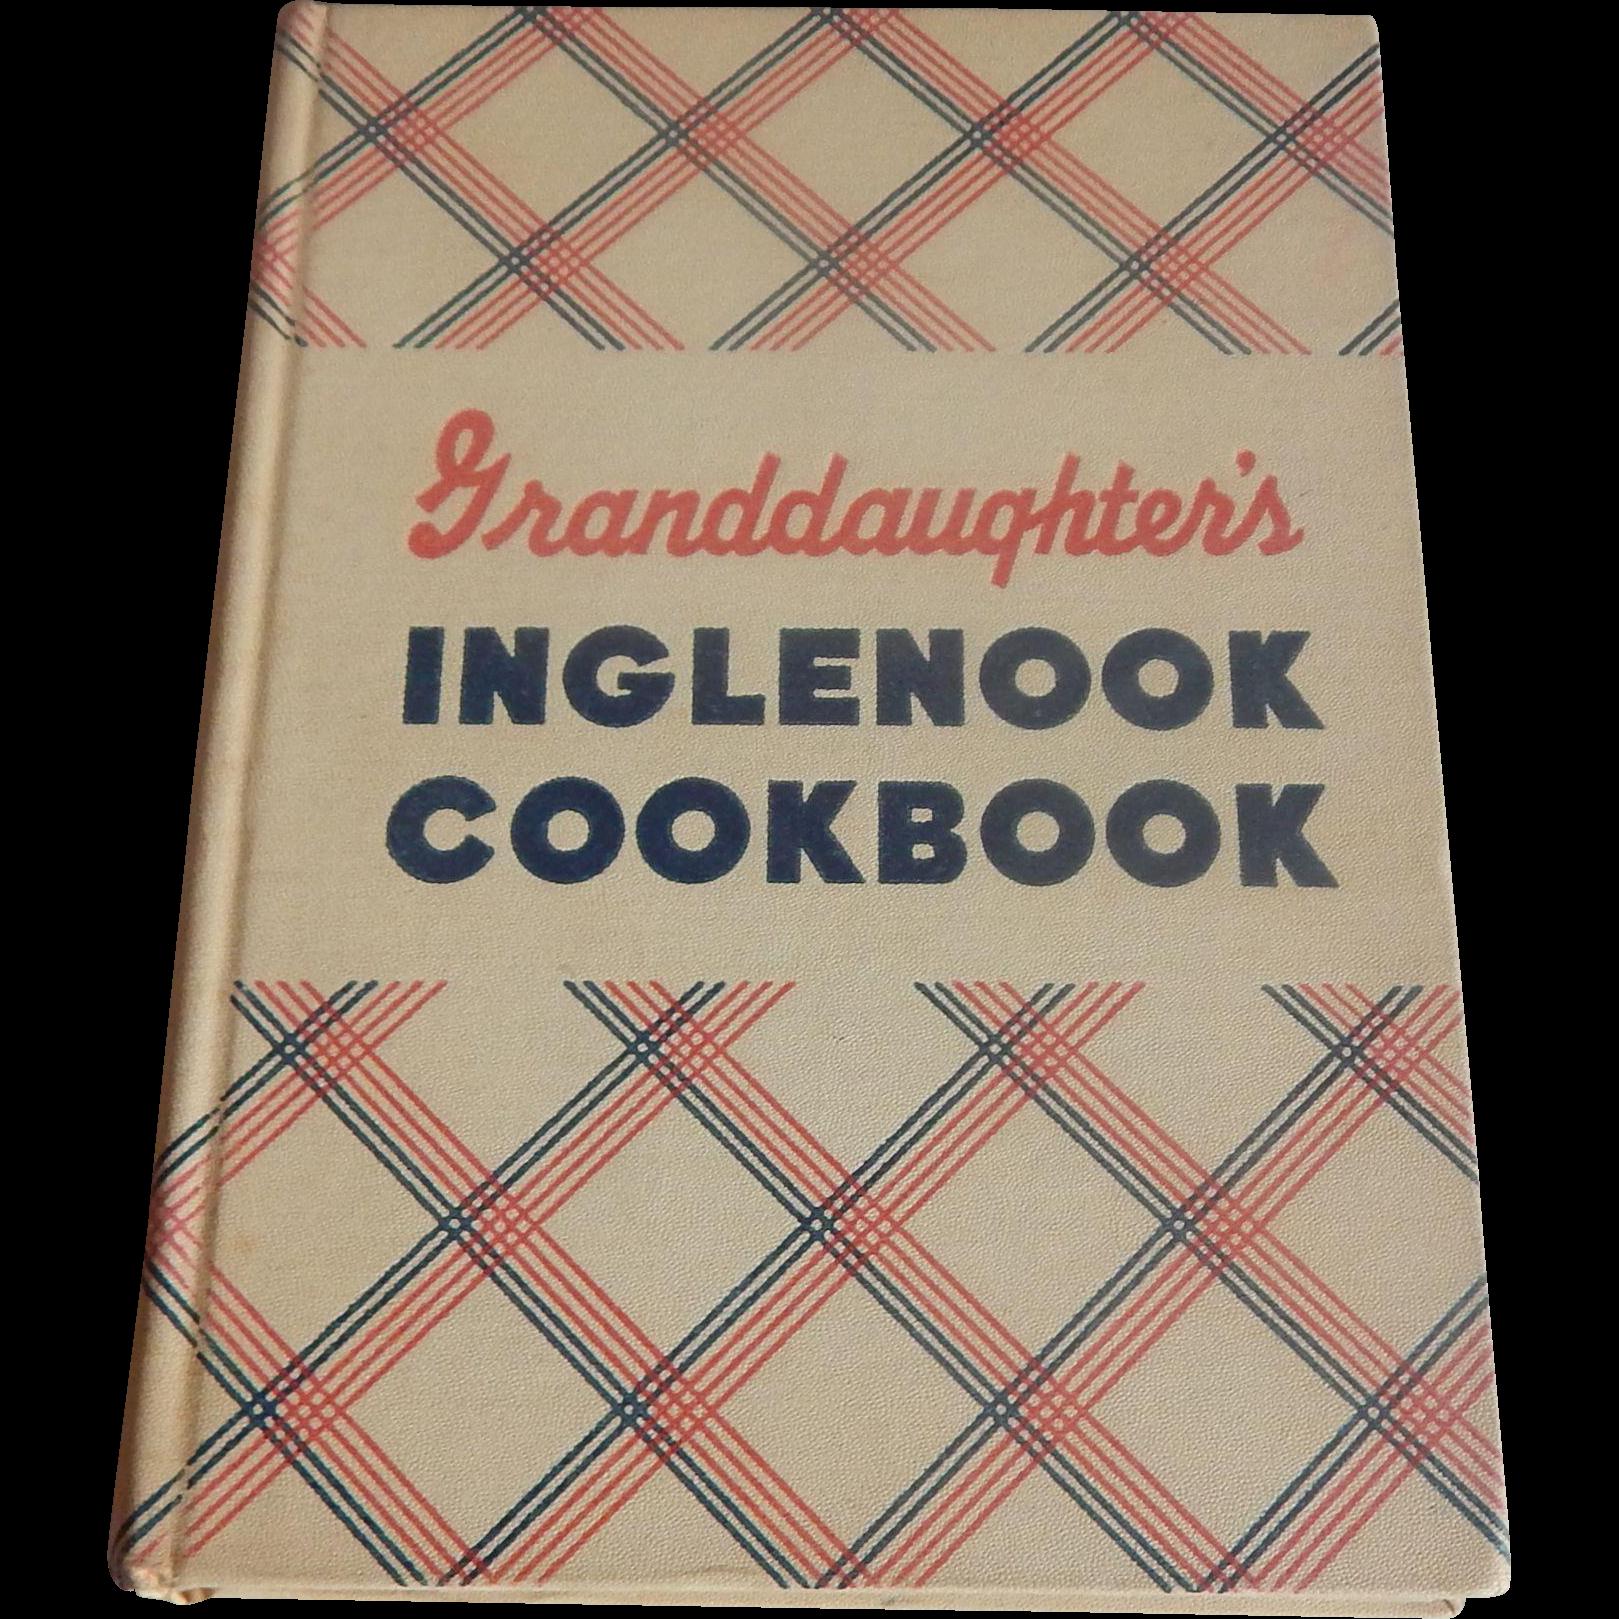 Granddaughter's Inglenook Cookbook